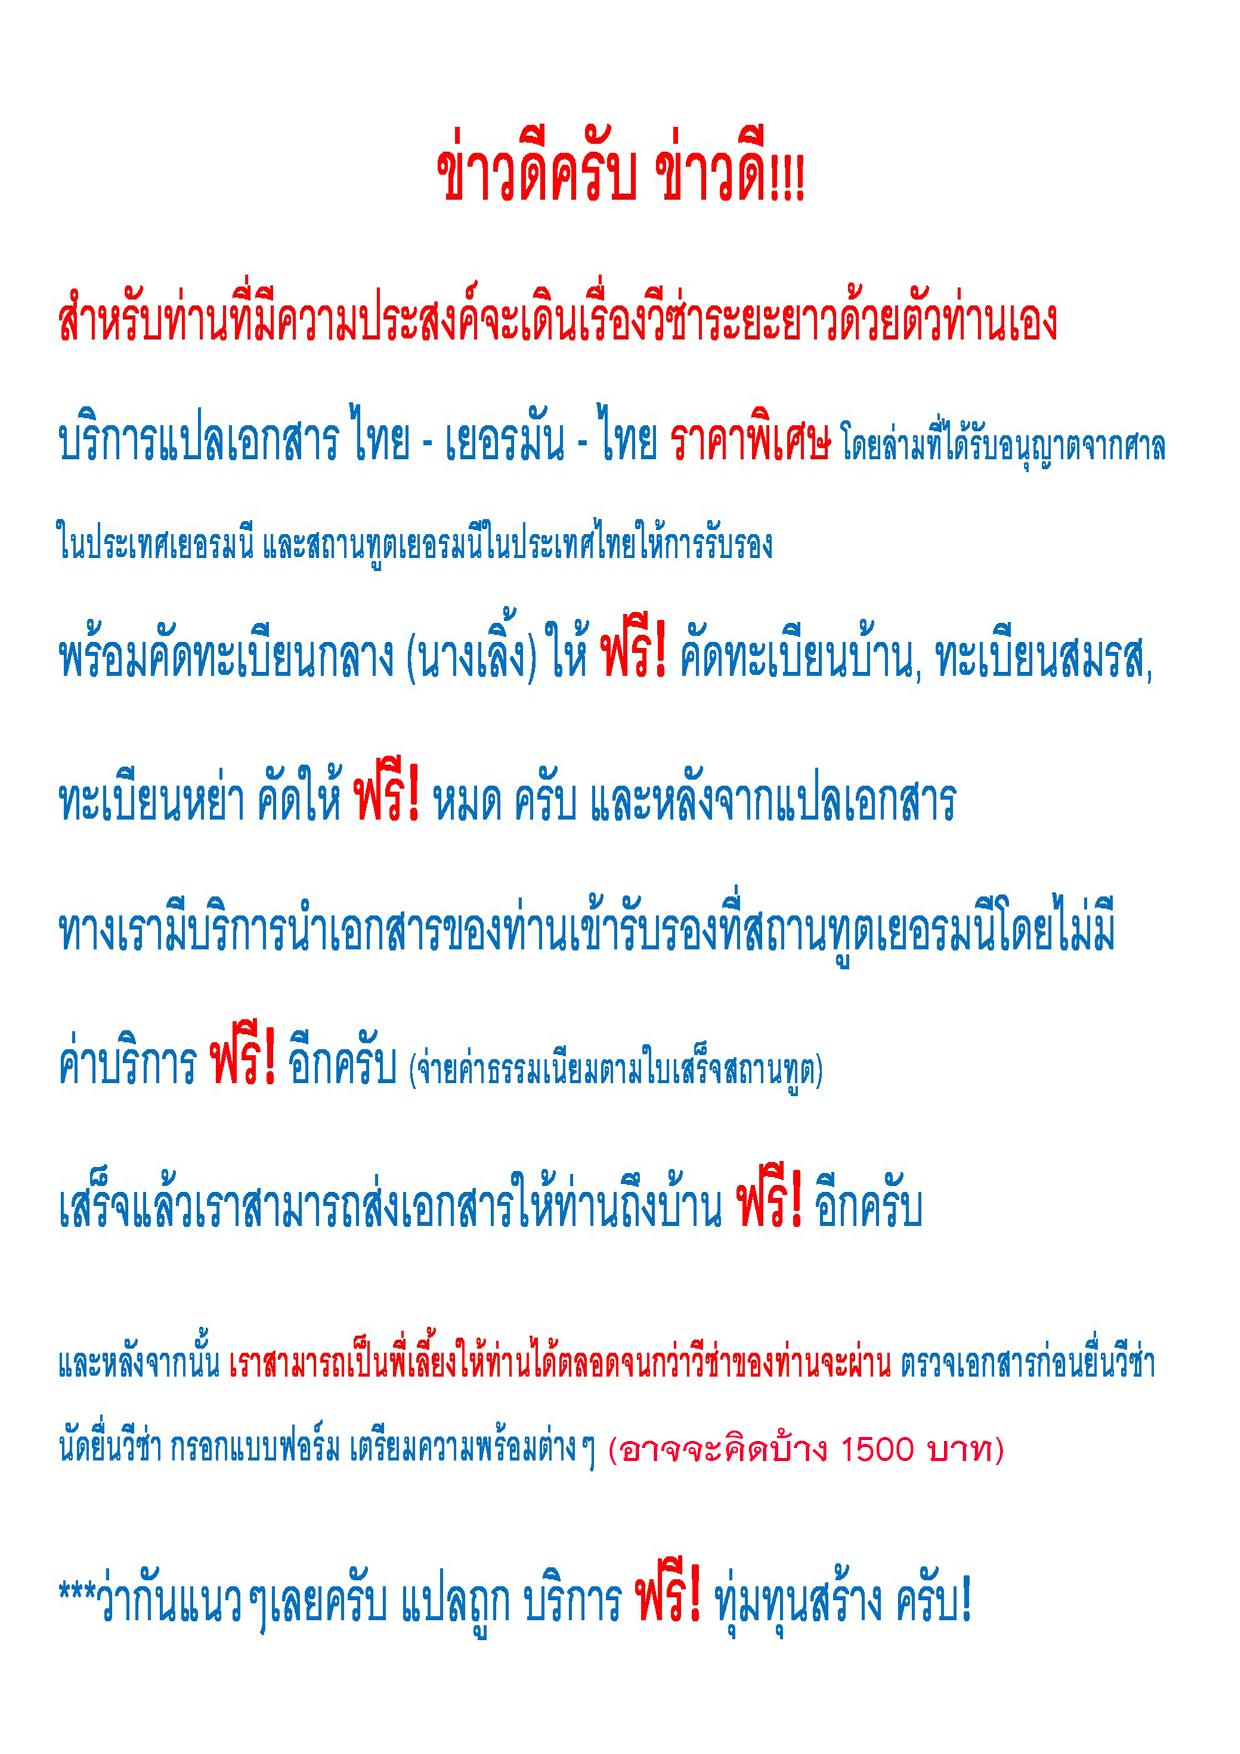 การแปลเอกสาร